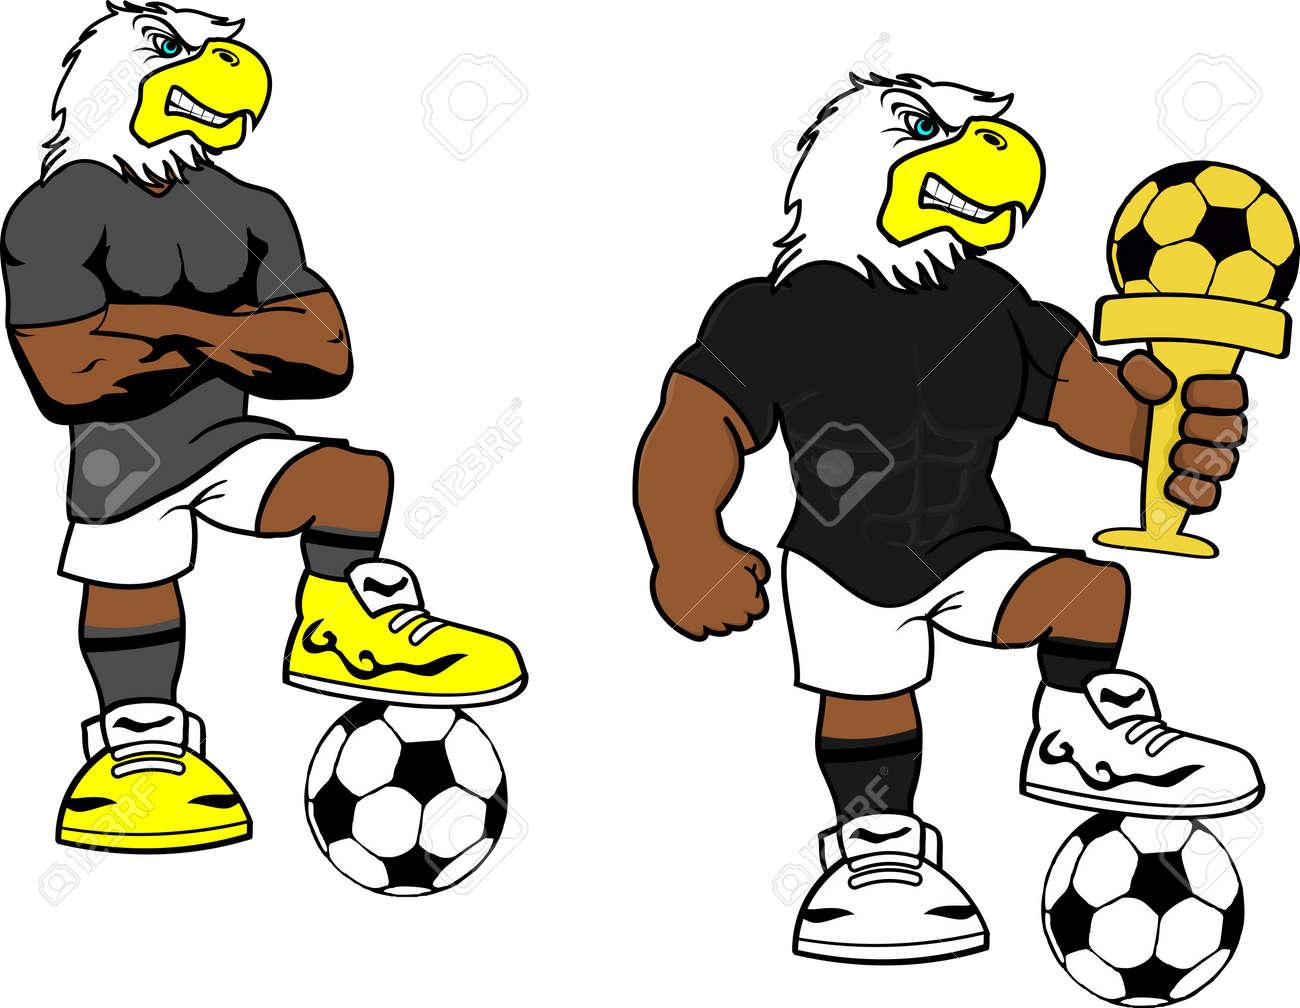 Dibujos animados de fútbol fútbol águila en formato vectorial muy fácil de  editar Foto de archivo d3c19f9e207a5